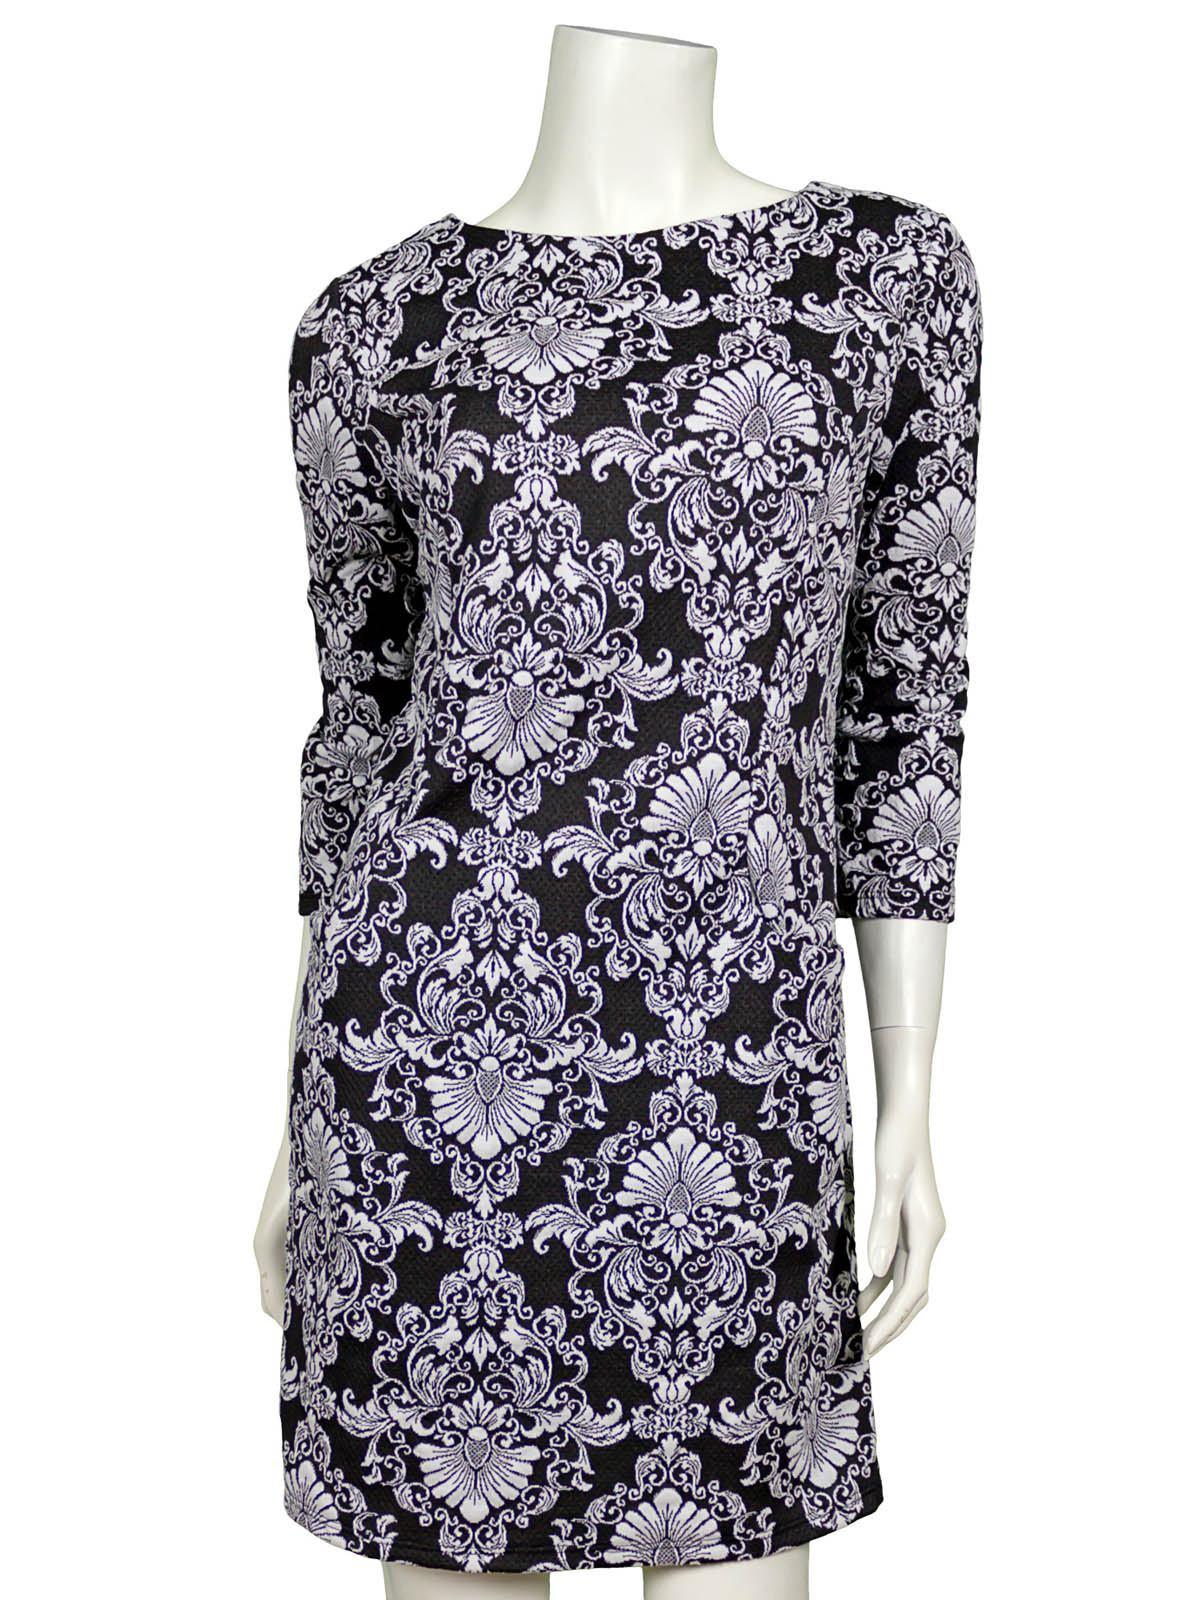 20 Fantastisch Kleid Schwarz Weiß Stylish17 Einfach Kleid Schwarz Weiß Spezialgebiet